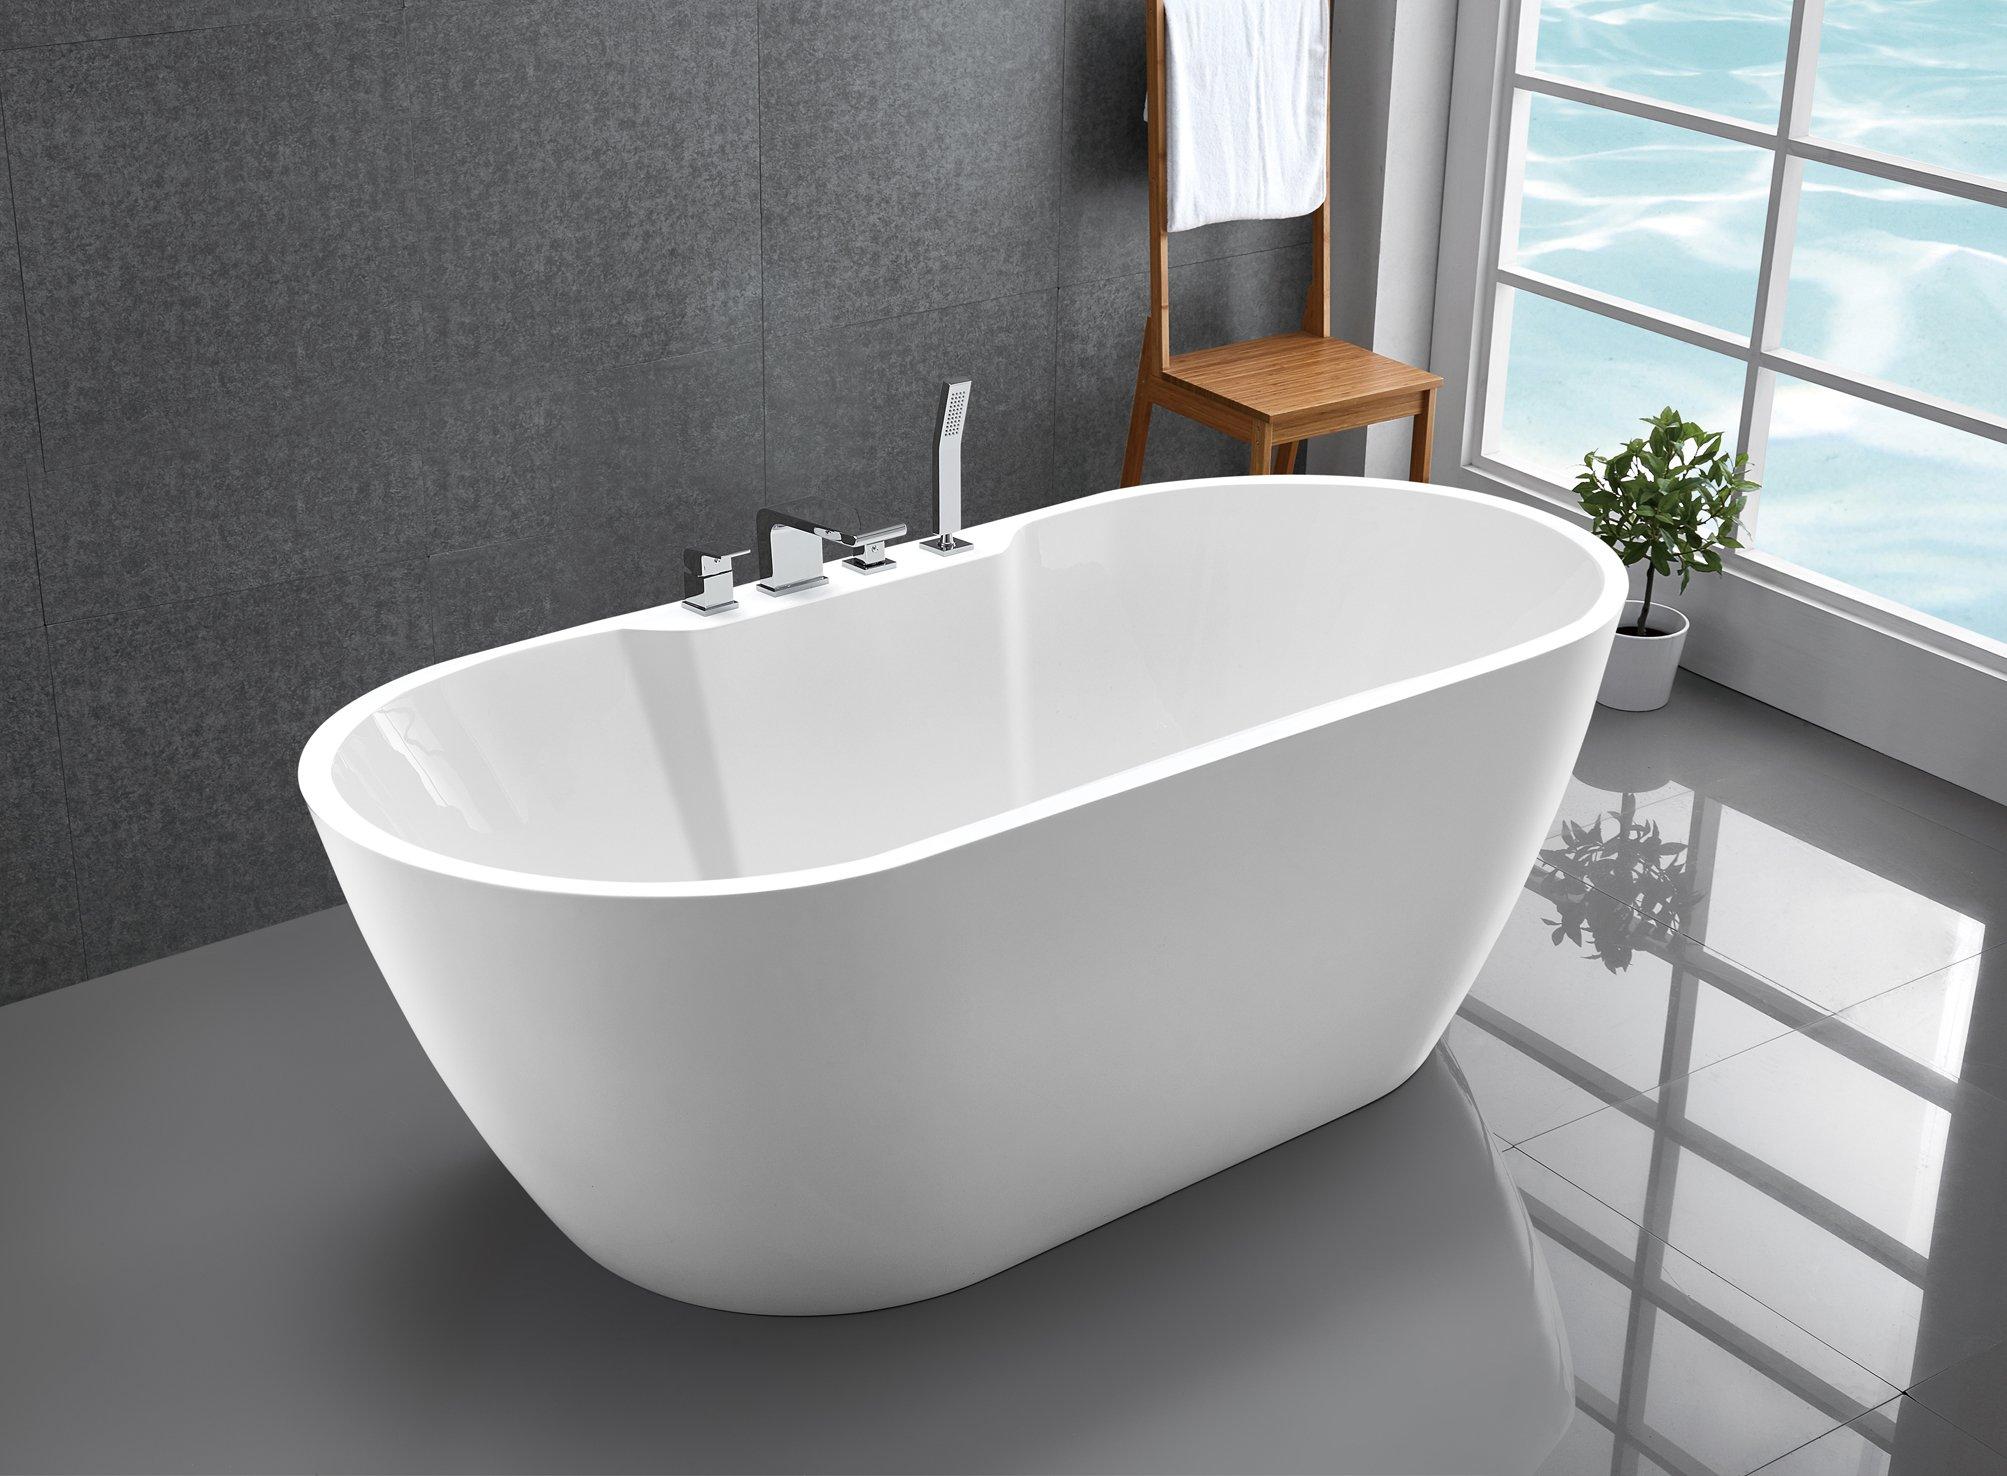 Freistehende Badewanne JAZZ PLUS Acryl weiß glänzend - 170 x 80 cm - Zubehör optional